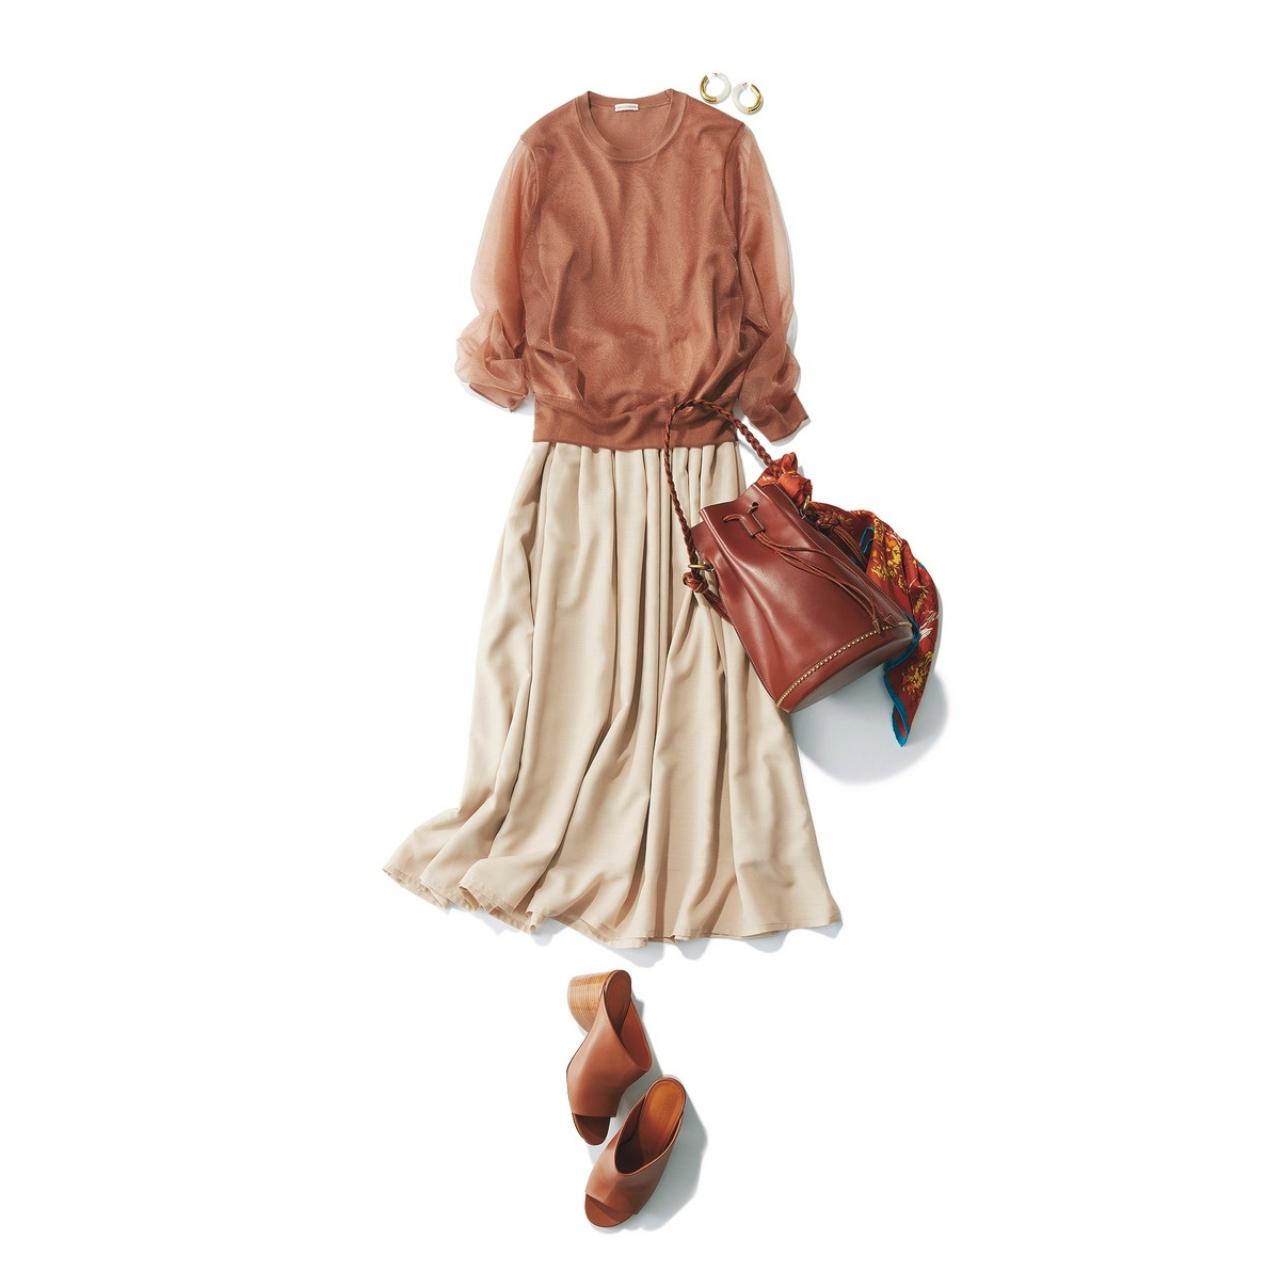 ベージュスカート×シースルーニットのファッションコーデ